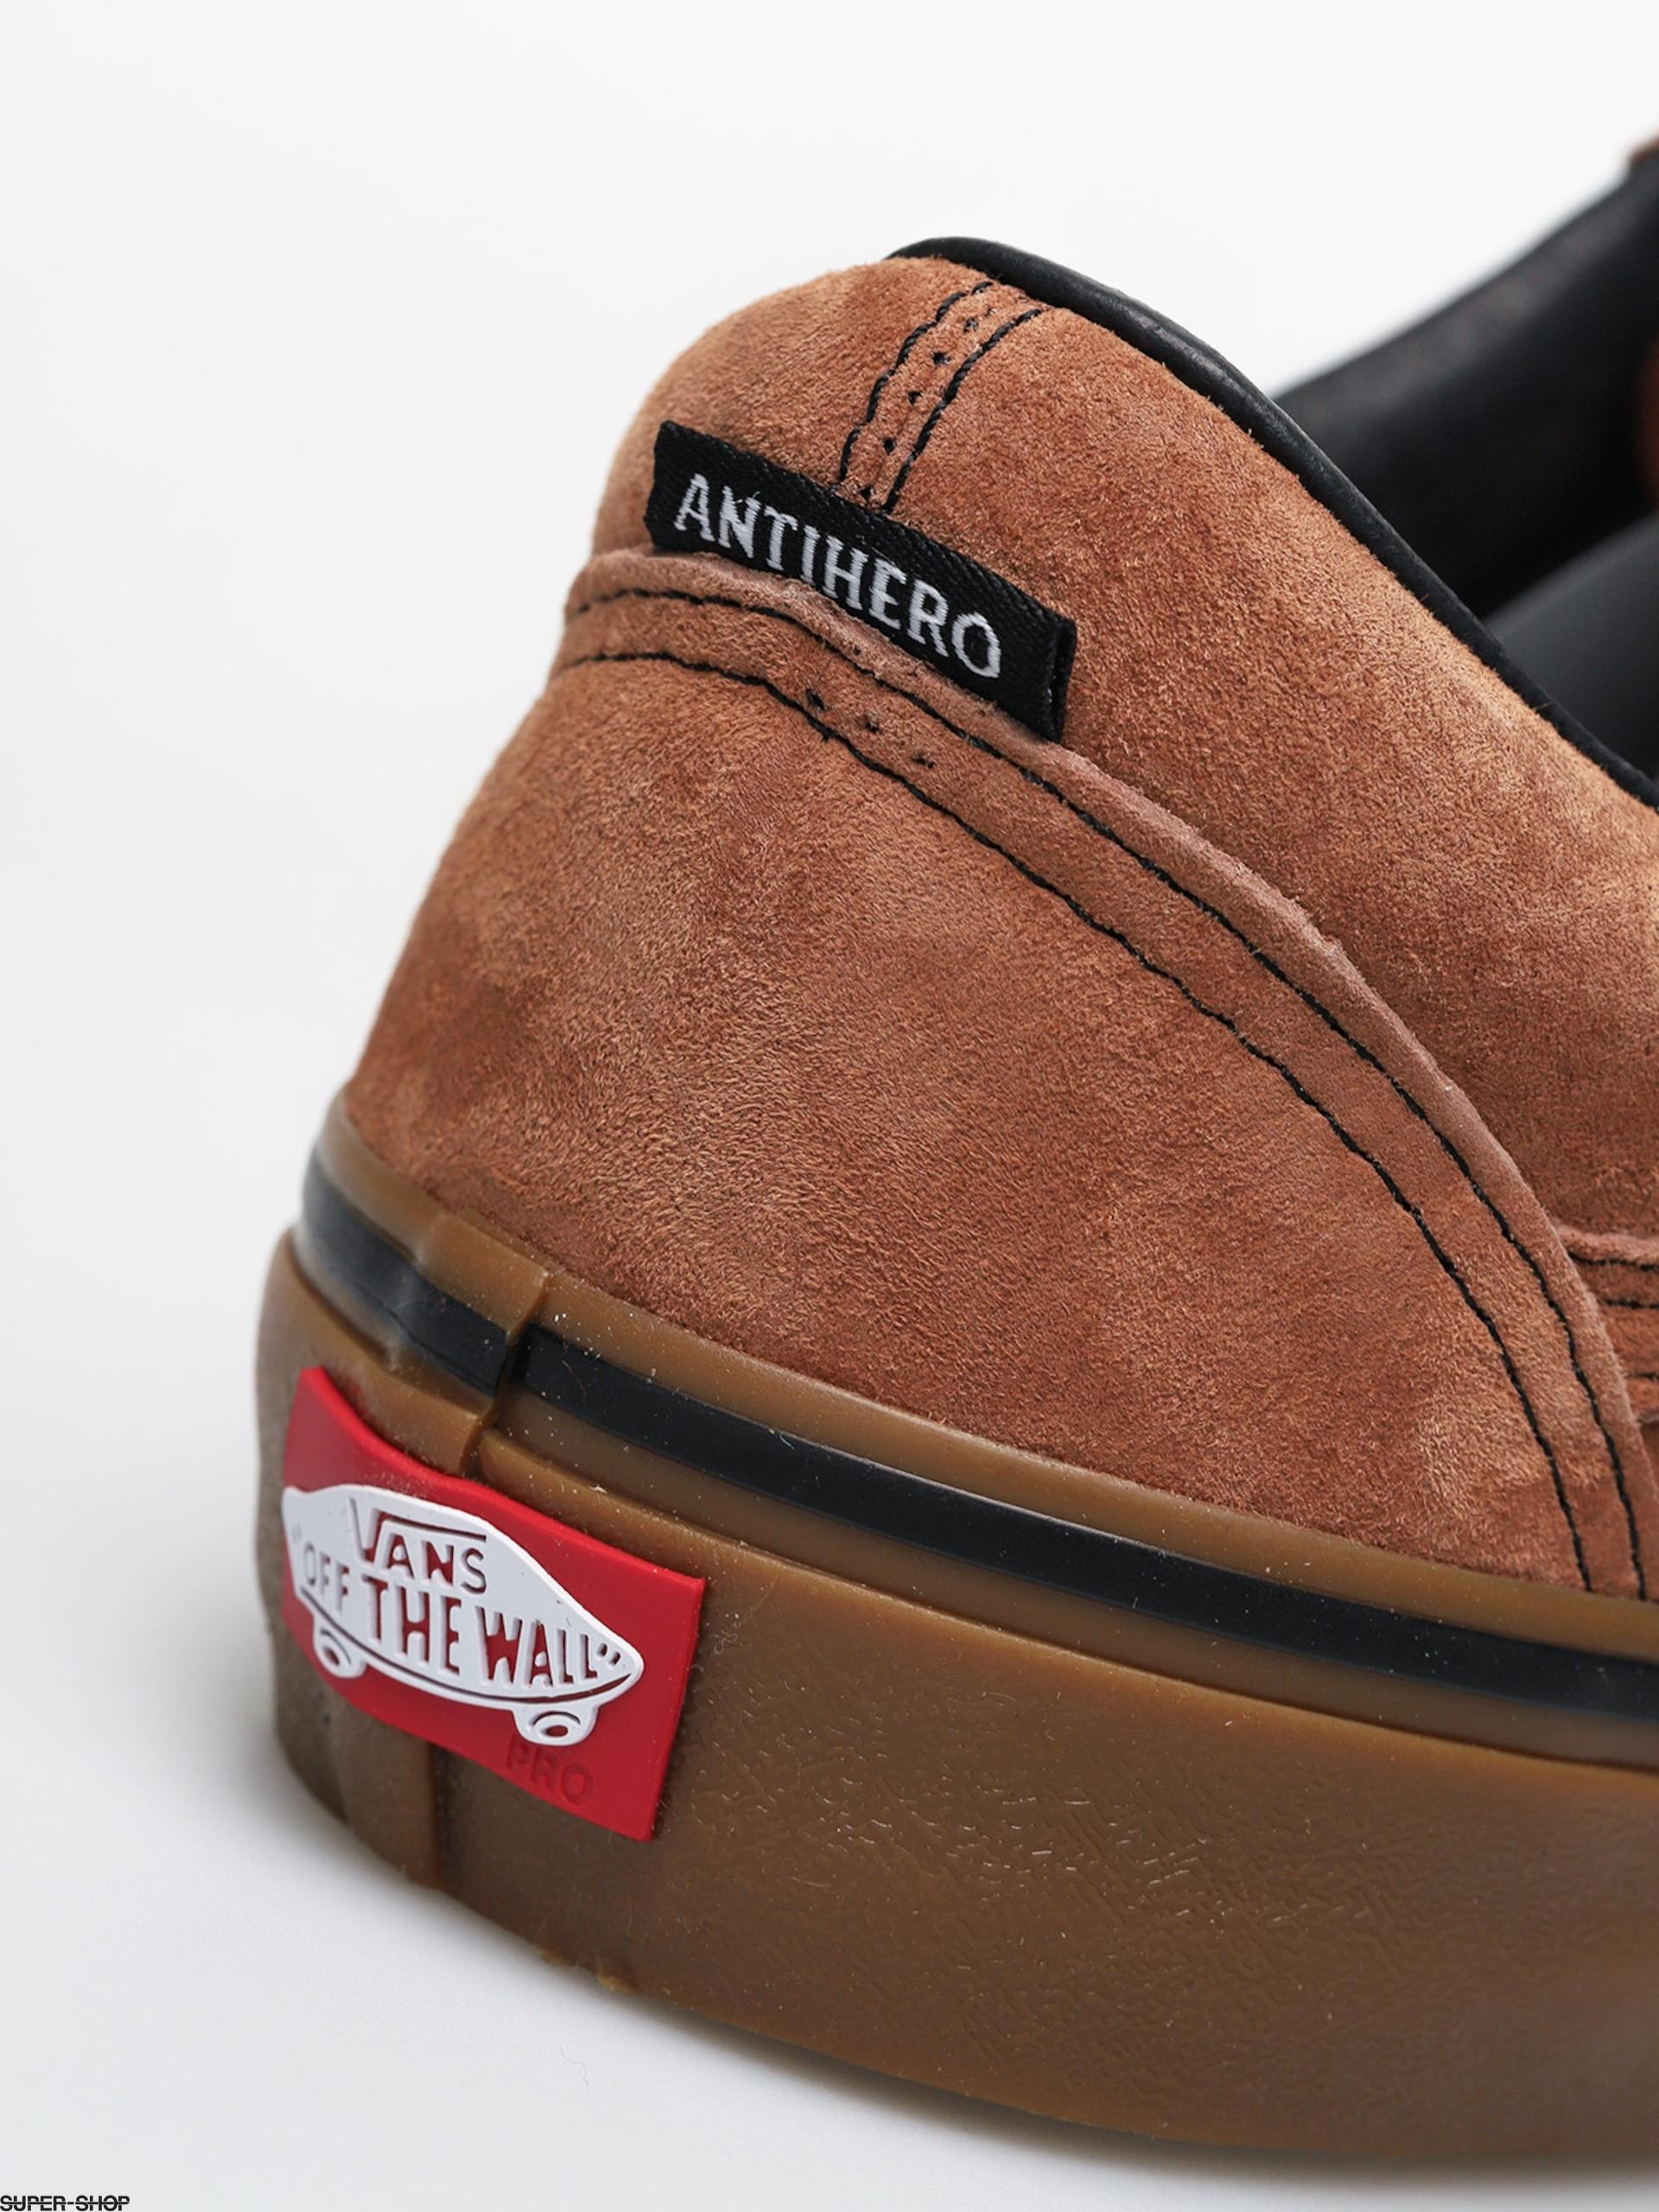 Vans Old Skool Pro Anti Hero Shoes